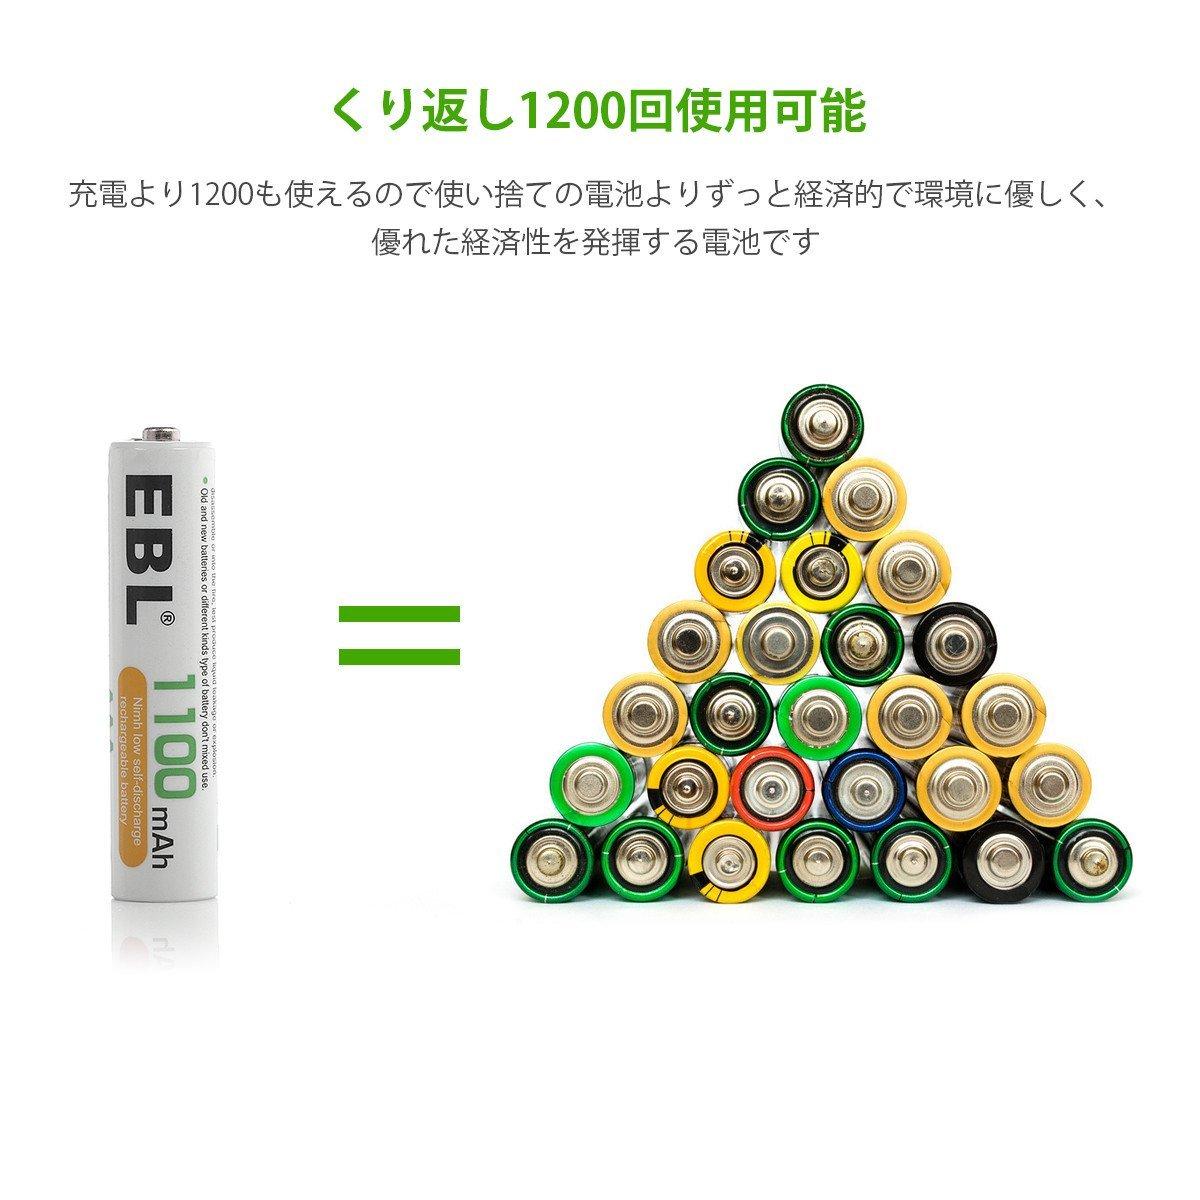 EBL 単4形充電池 充電式ニッケル水素電池 高容量1100mAh 8本入り 約1200回使用可能 ケース2個付き 単四充電池 _画像2